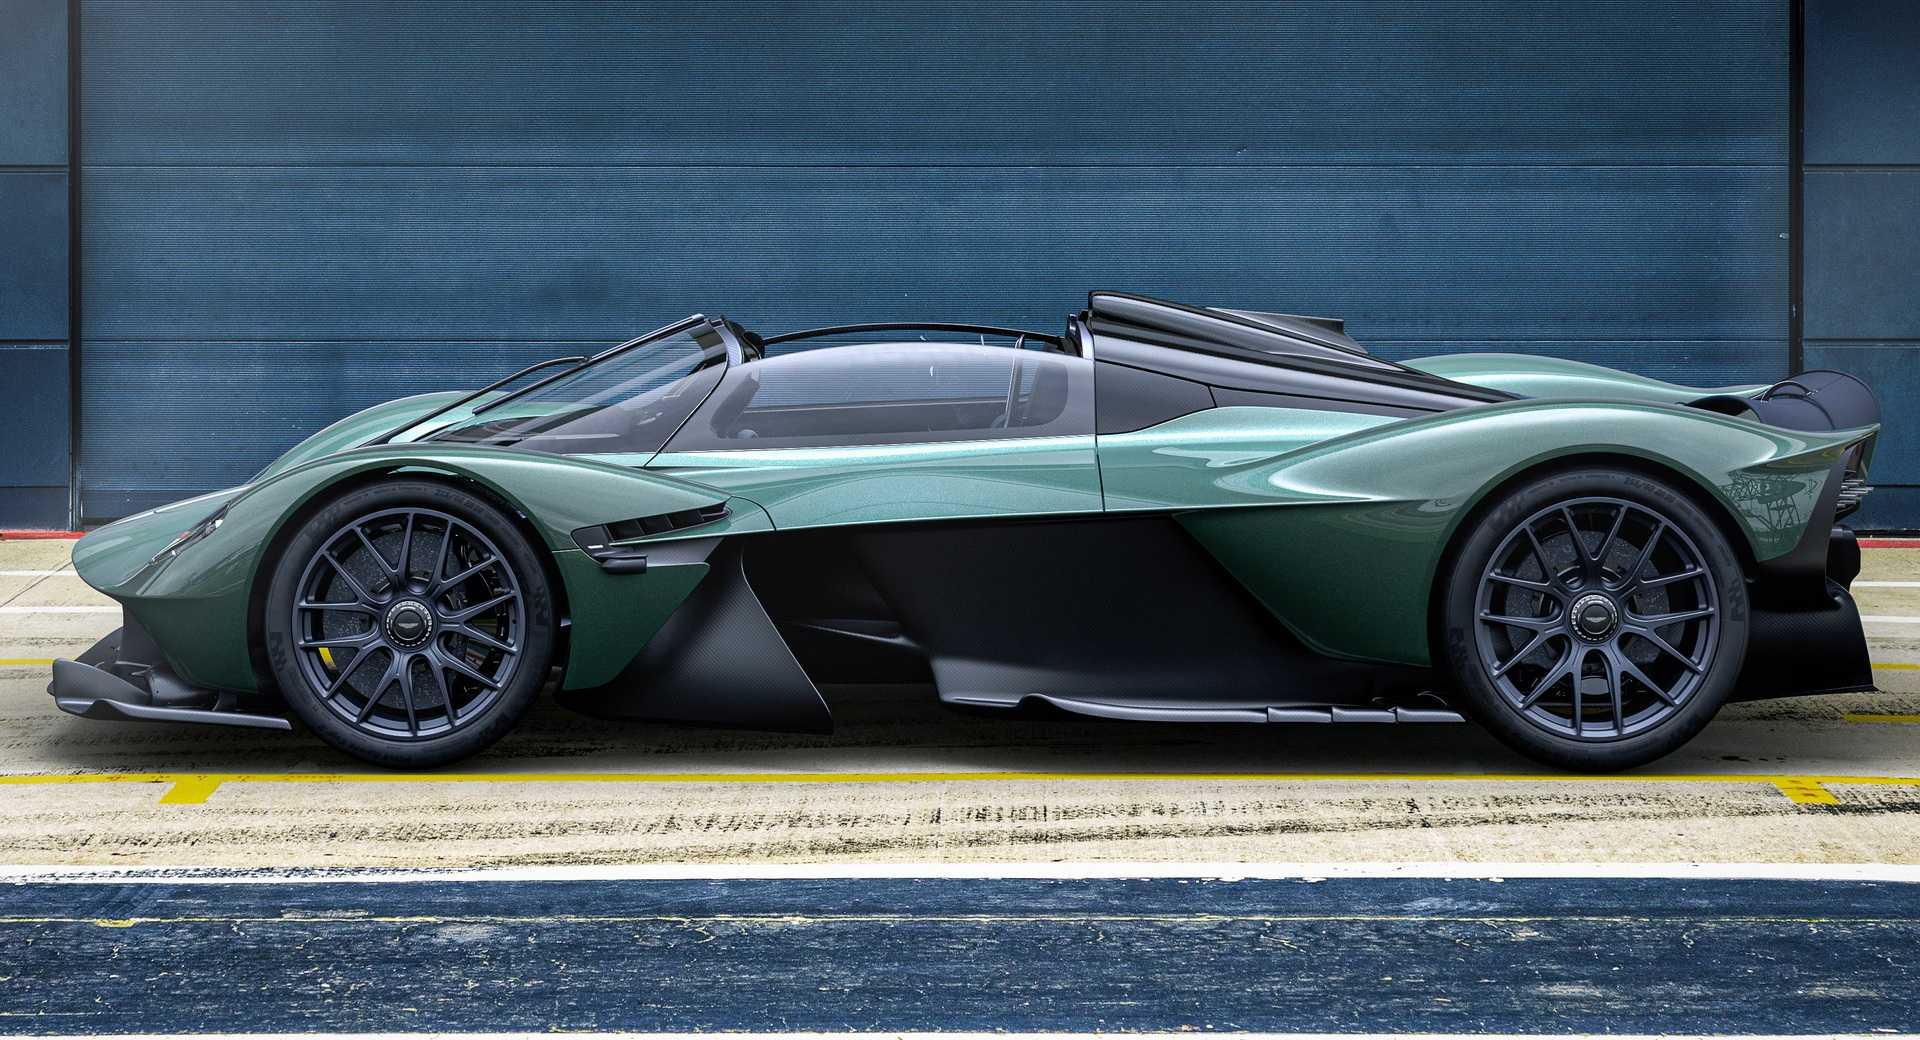 Aston-Martin-Valkyrie-Spider-siêu-phẩm-mui-trần-mạnh-1160-mã-lực (6).jpg